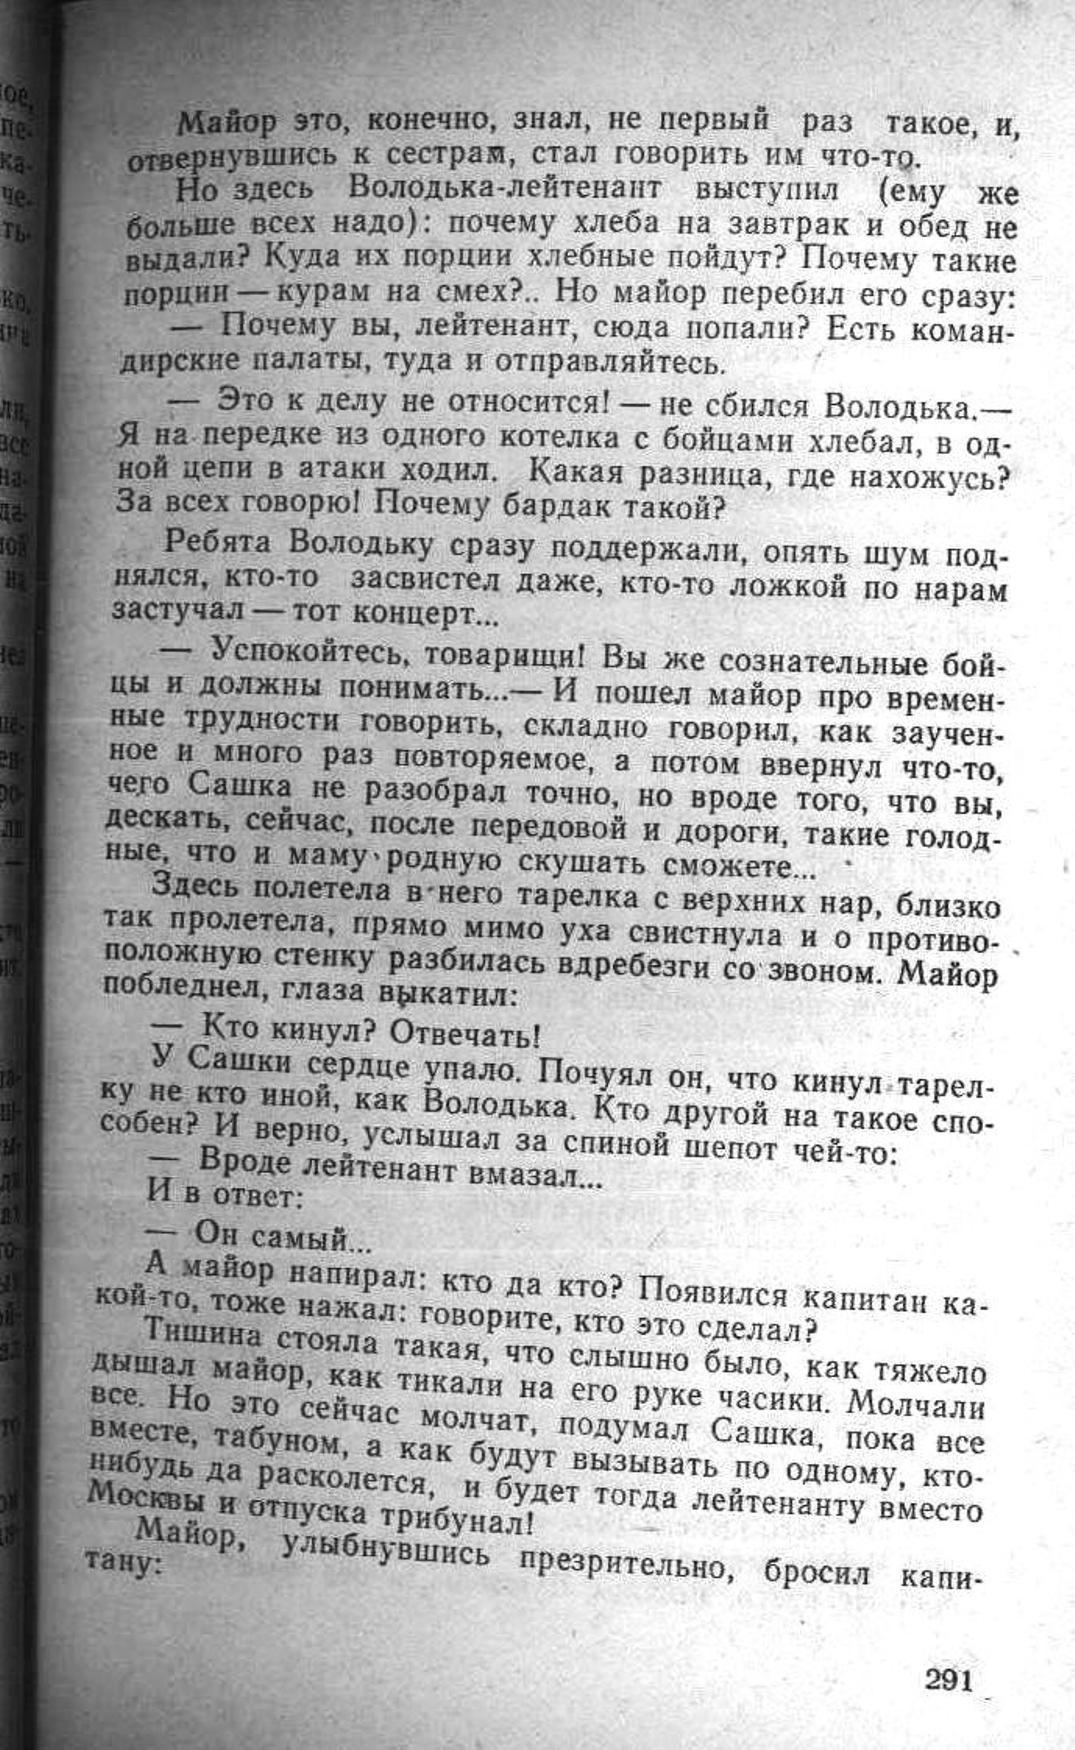 Сашка. Повесть. Вячеслав Кондратьев. 017. 006